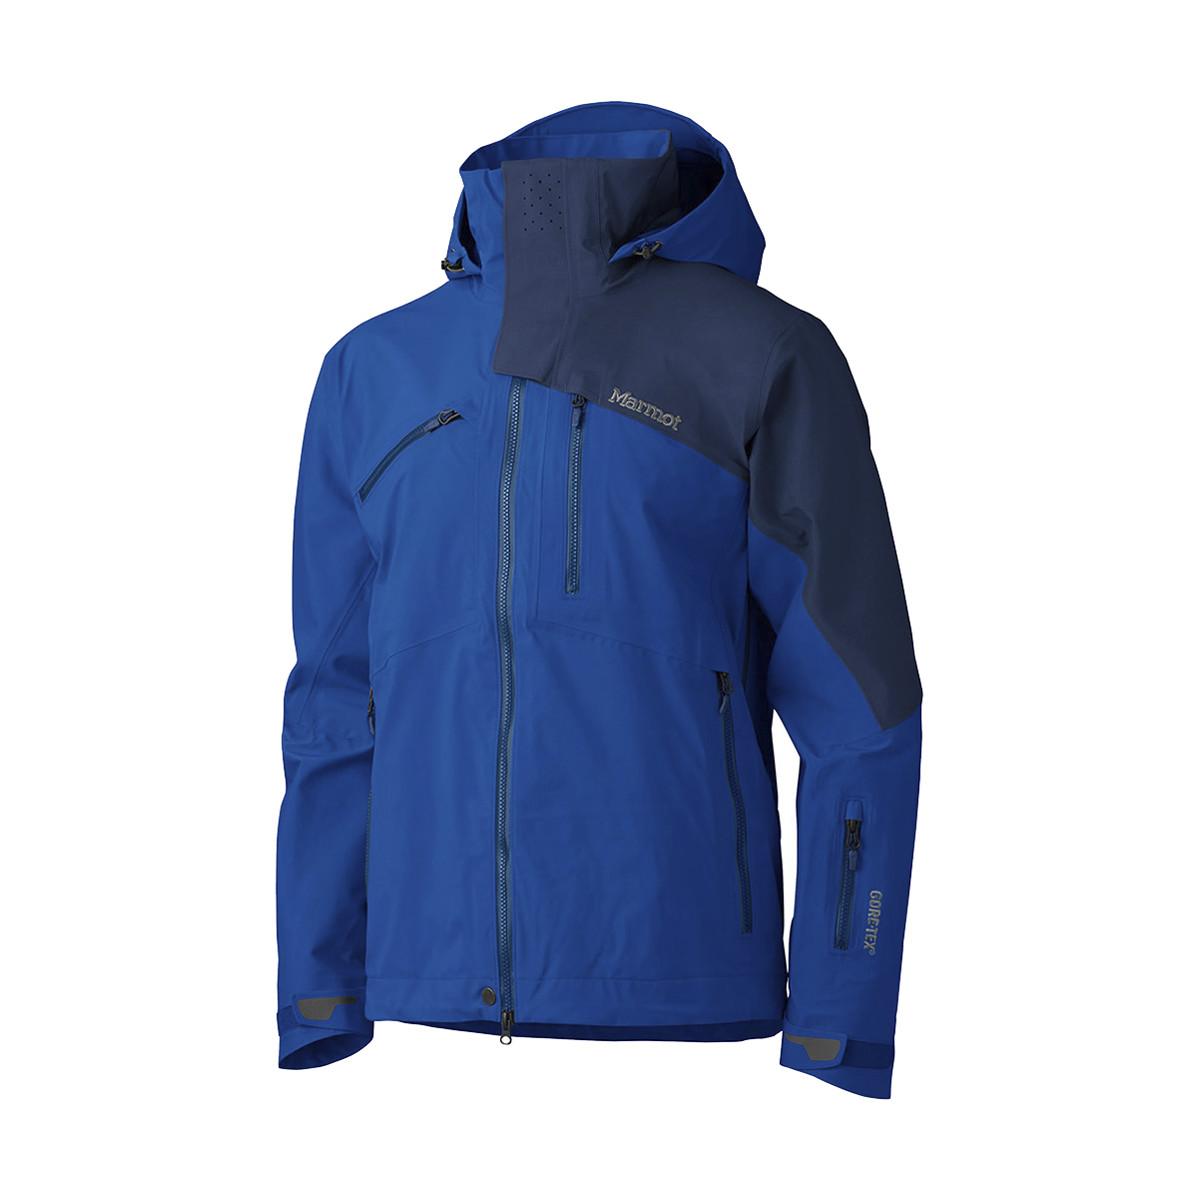 Marmot Randonnee Jacket